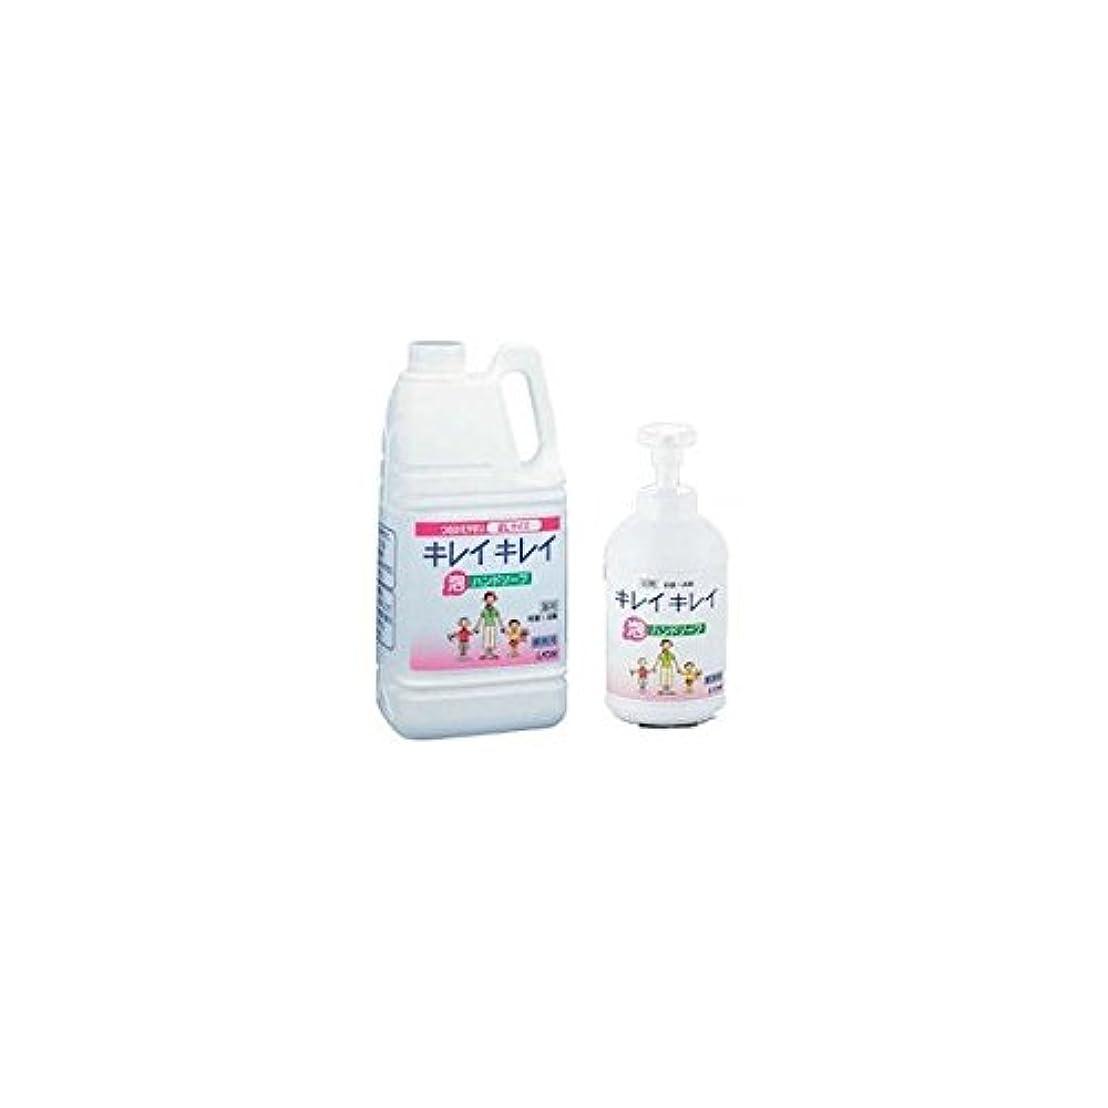 皿遠え不快ライオン キレイキレイ薬用泡ハンドソープ 2L(700ML専用ポンプ付) 【品番】JHV2503